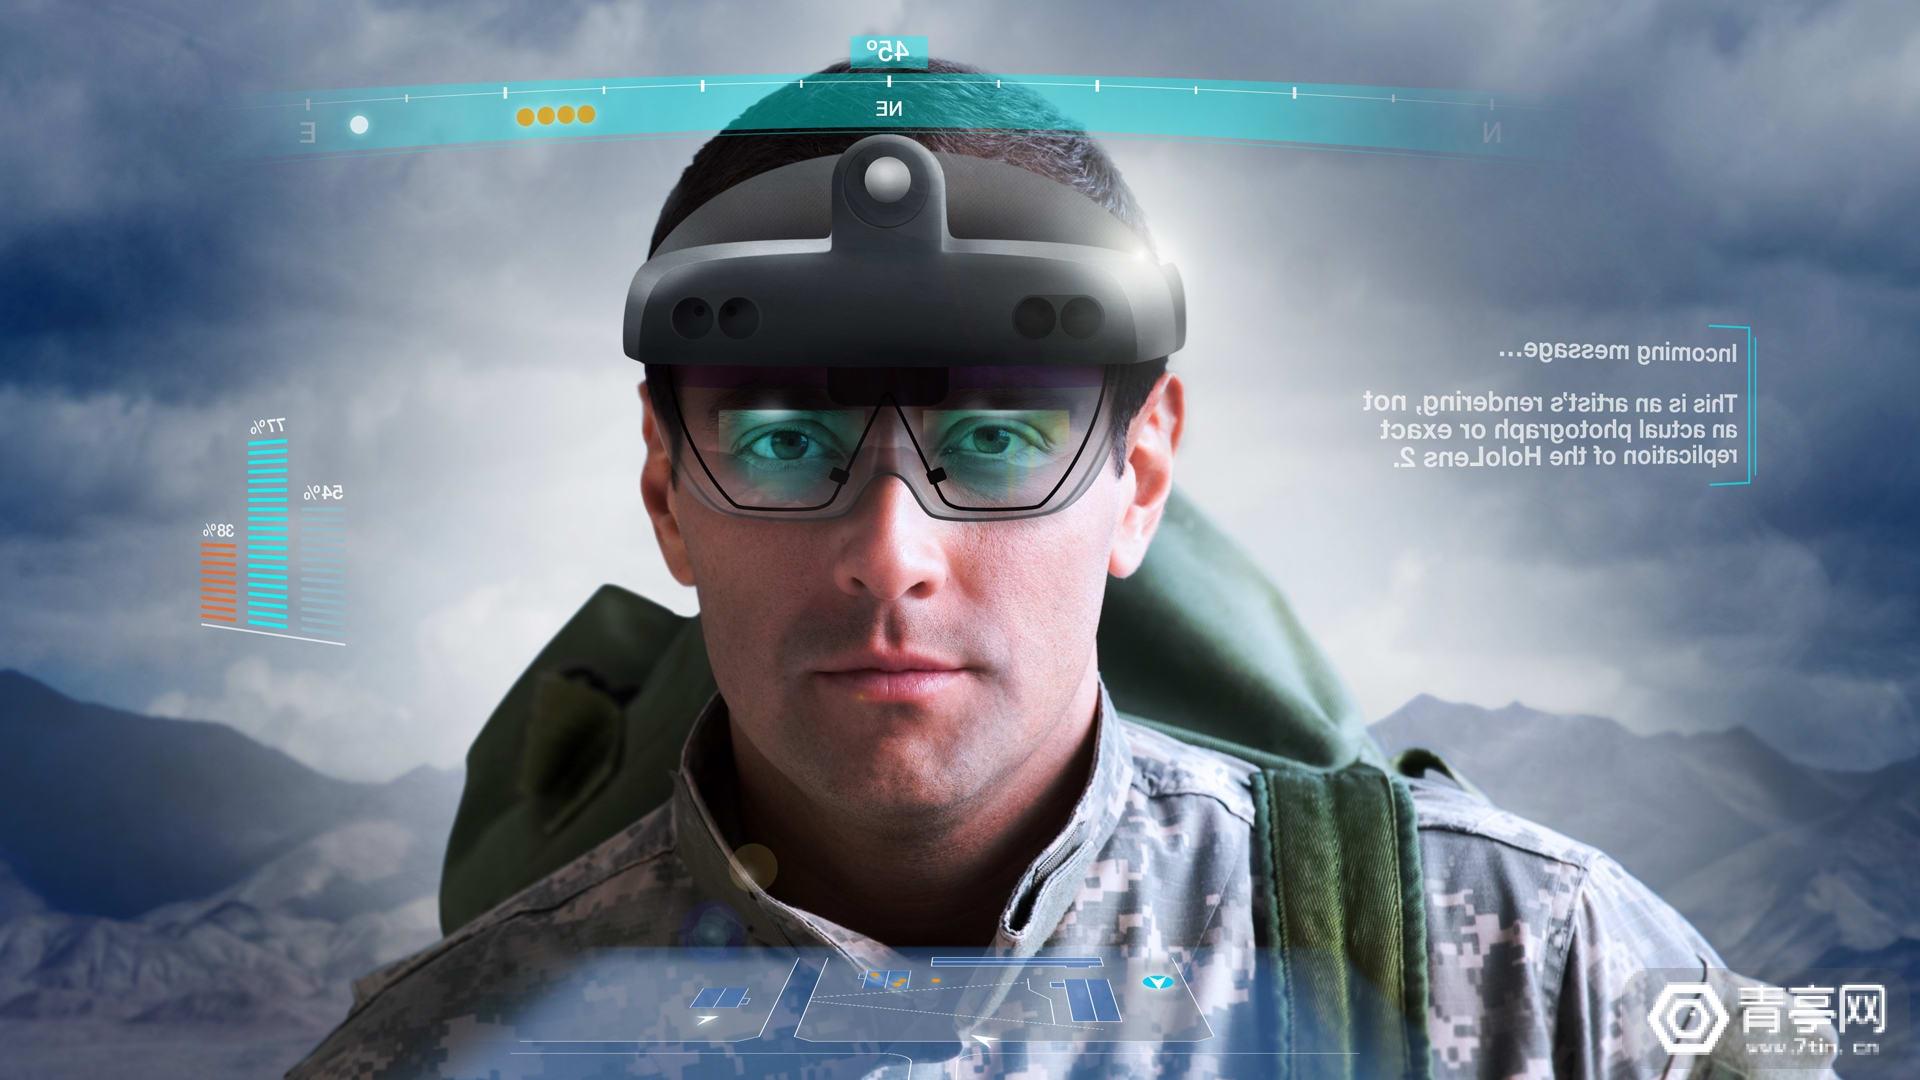 首批采购12万台,微软与美军签订218.8亿美元军用AR头显合同